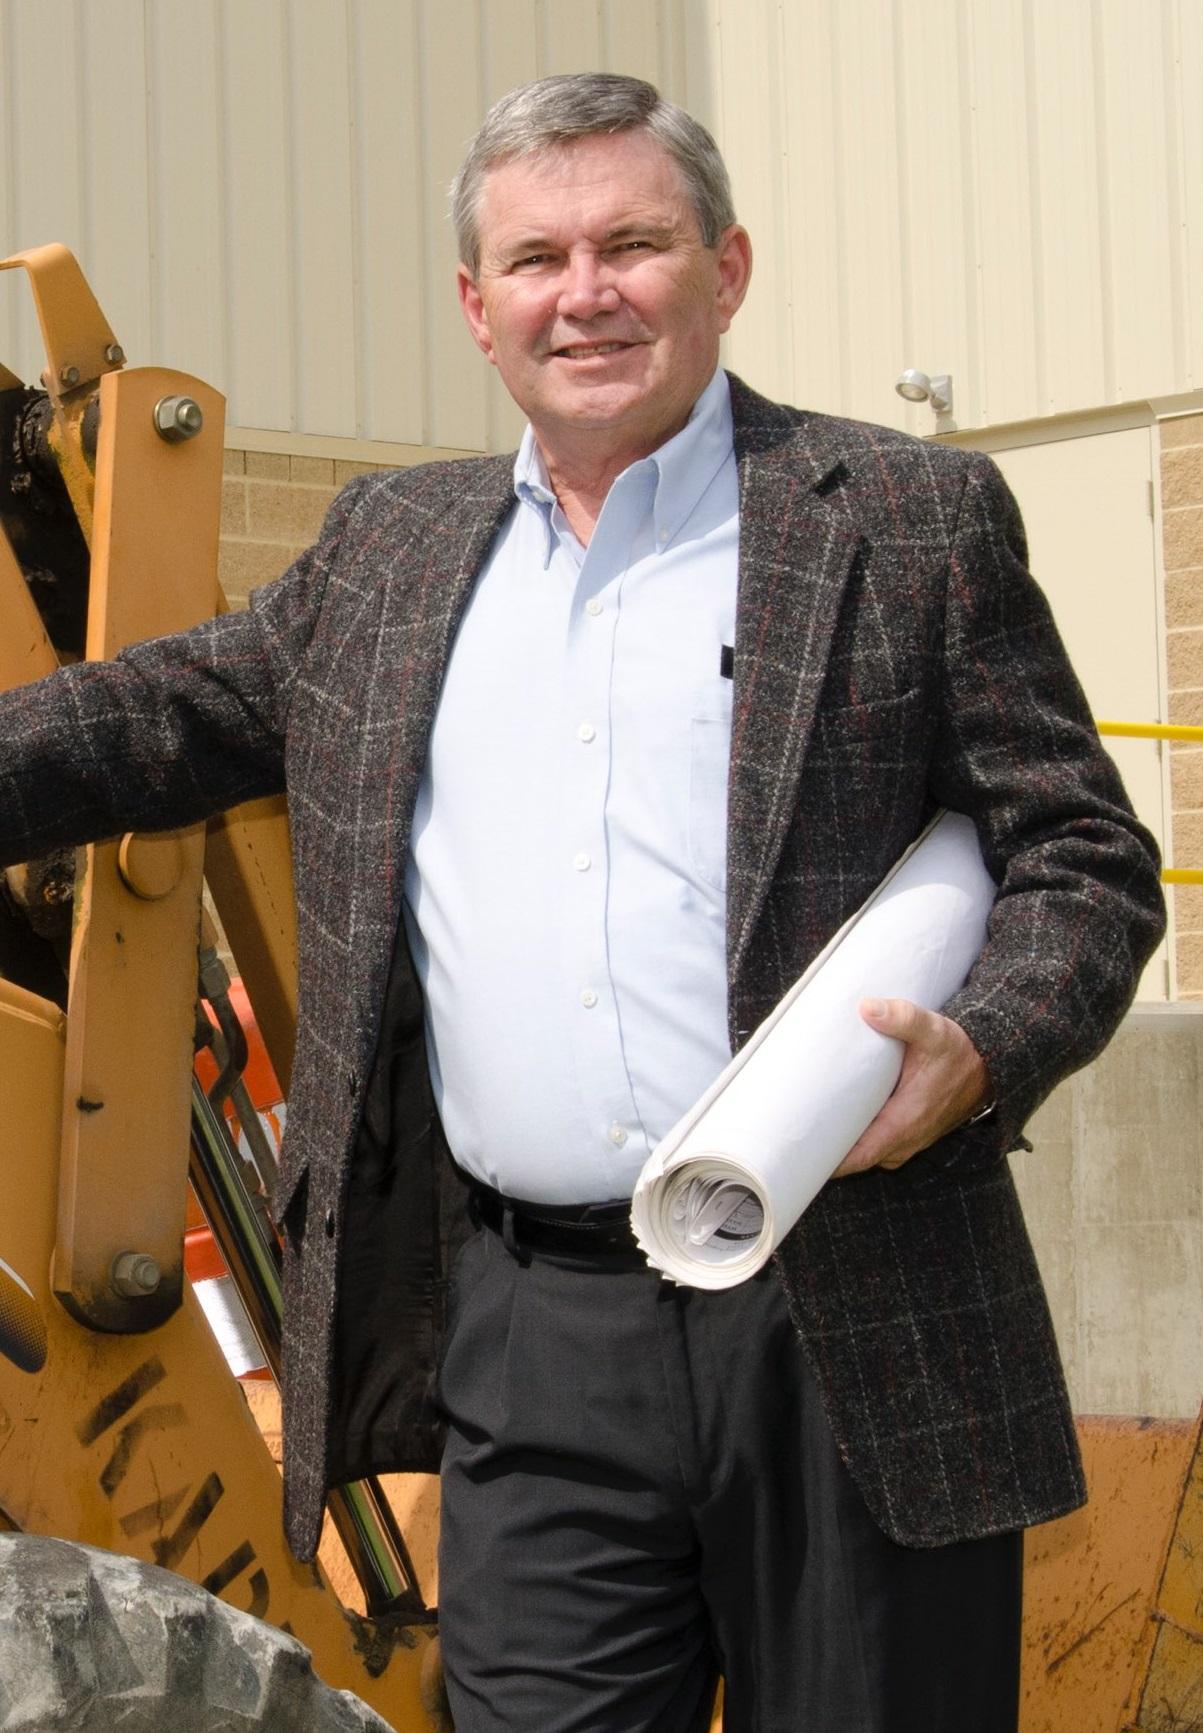 Randy Kapp